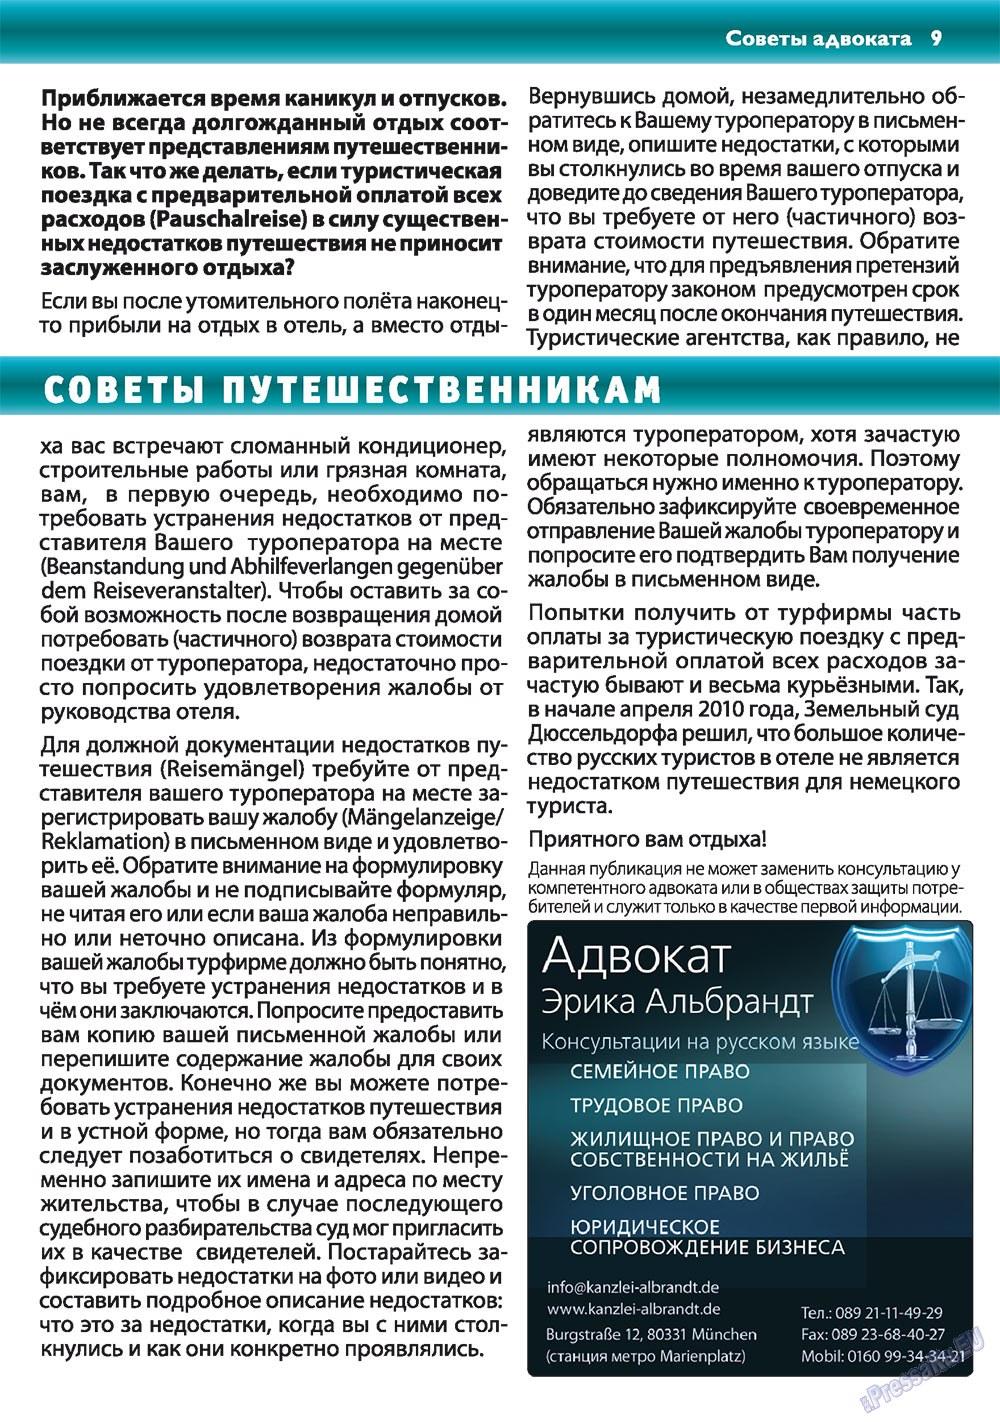 Апельсин (журнал). 2010 год, номер 10, стр. 9